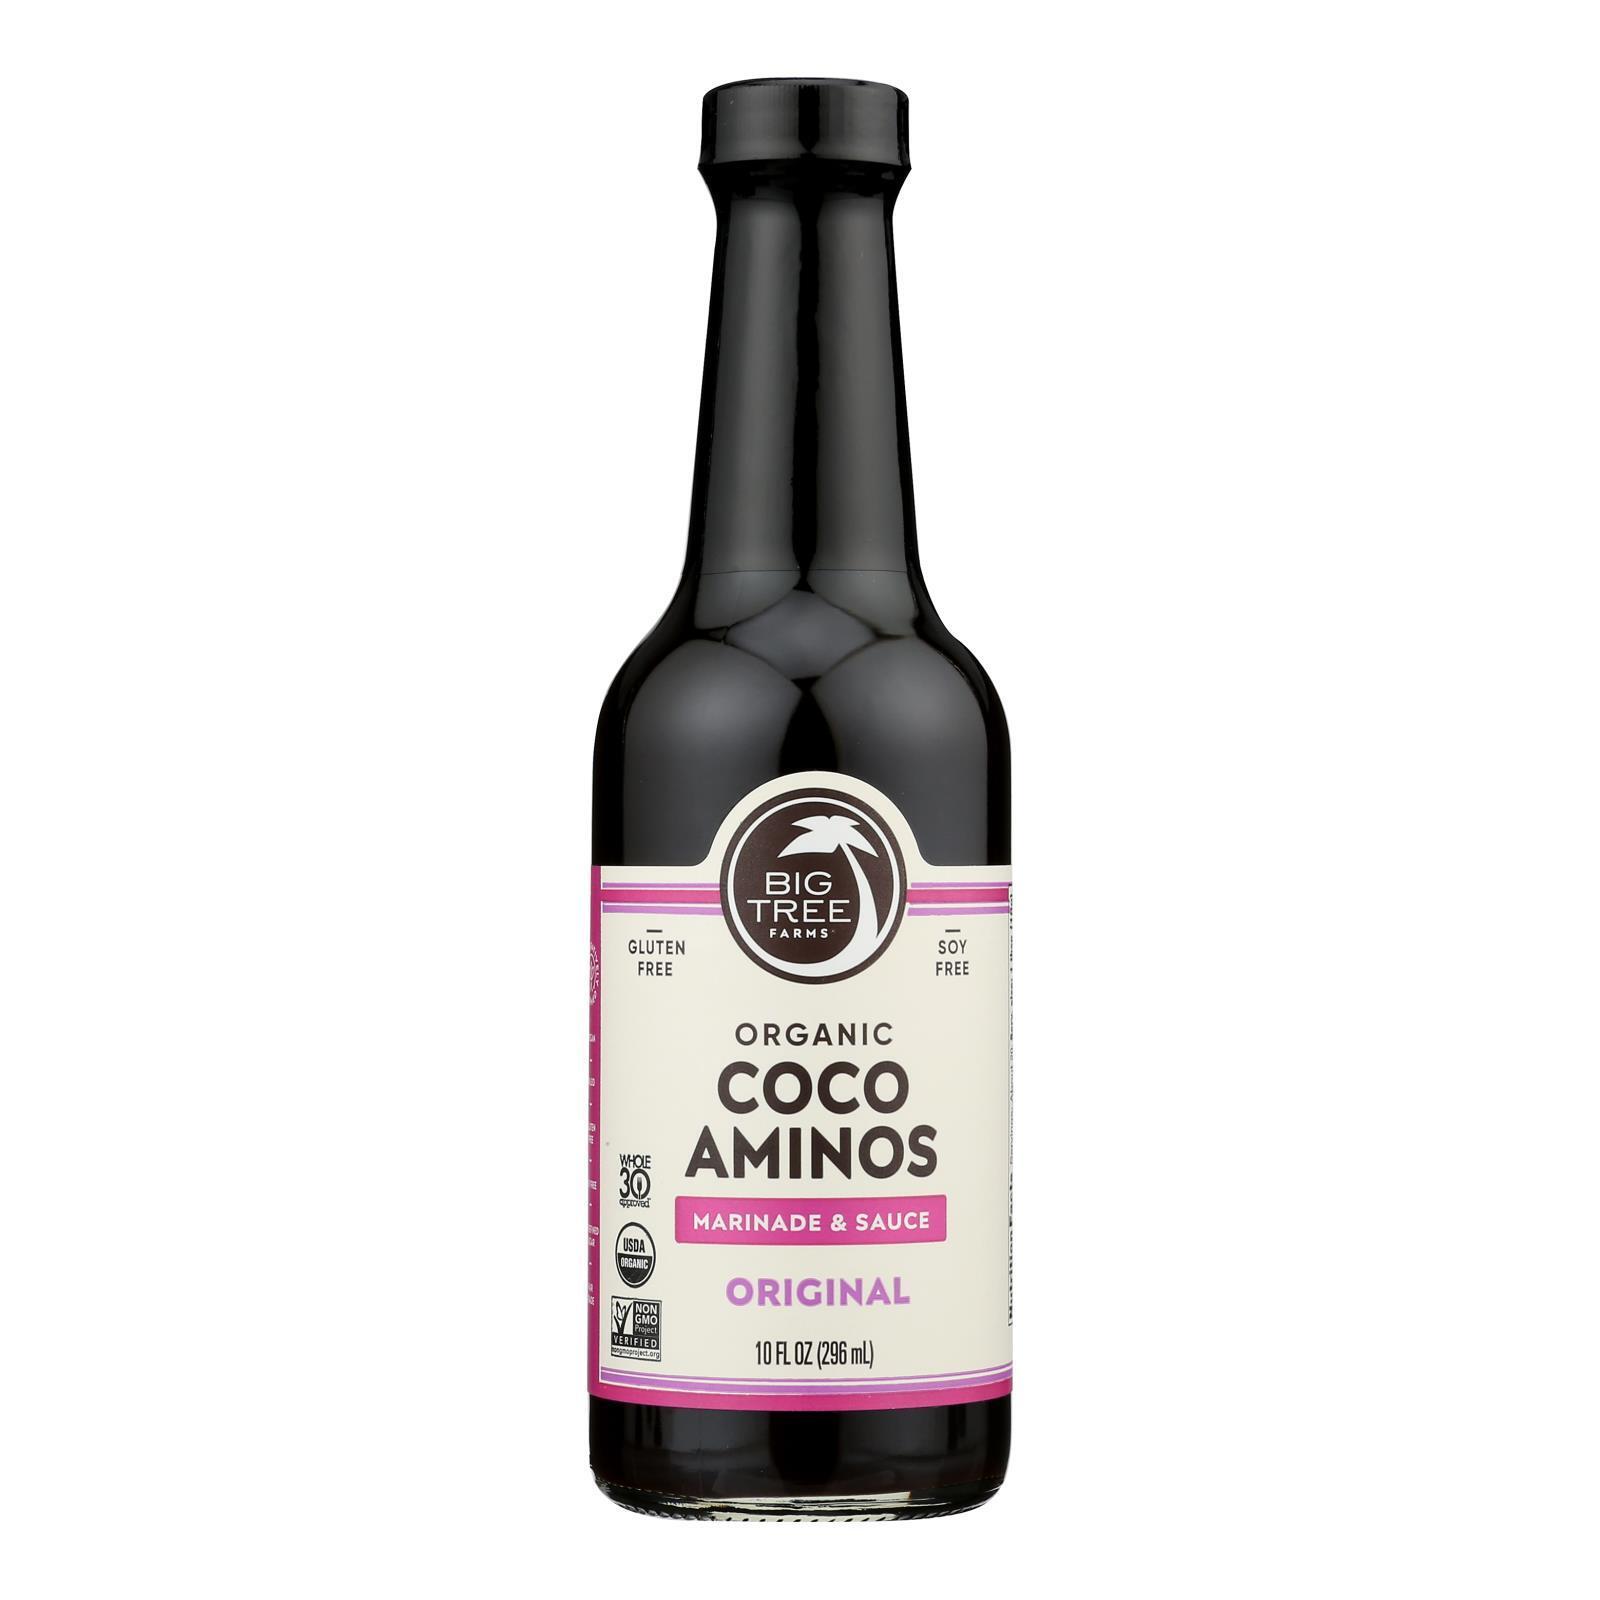 Big Tree Farms Organic Coco Aminos - Case of 12 - 10 Fl oz.